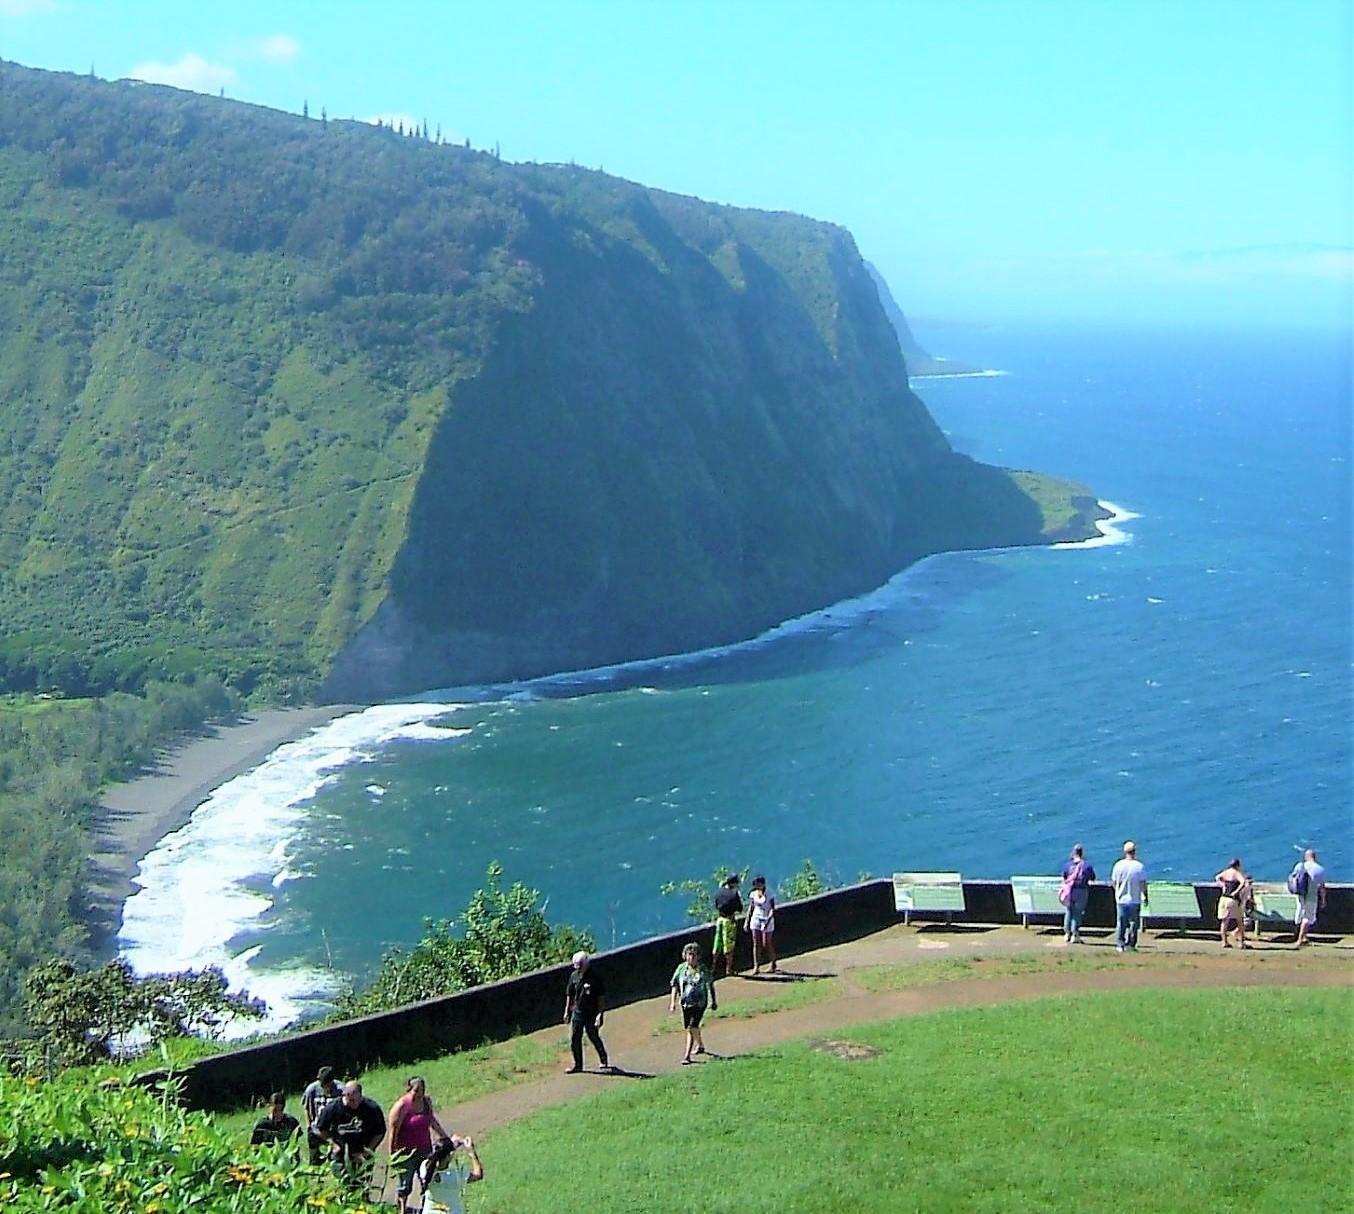 【催行間近・大募集中】10月22日出発 ハワイ島マウナケア登頂&カウアイ島ハイキングとダイヤモンドヘッド登頂 9日間